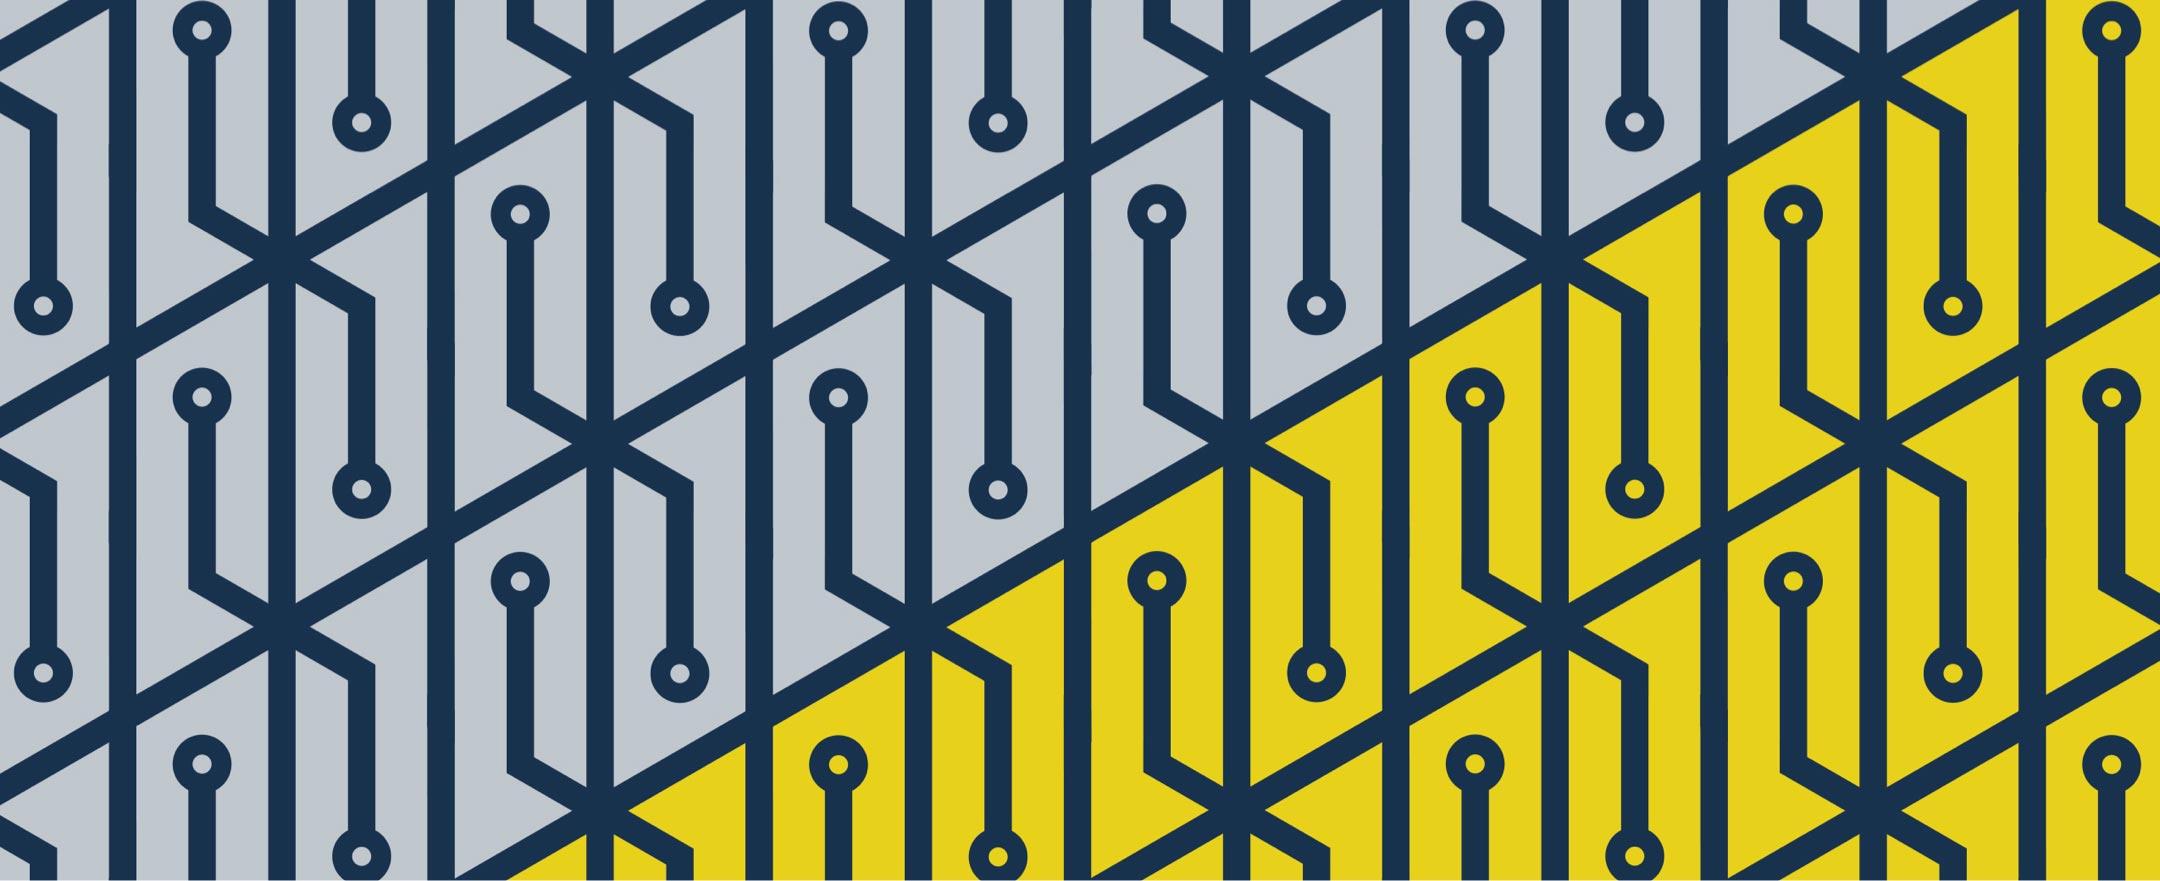 freight genius logo pattern